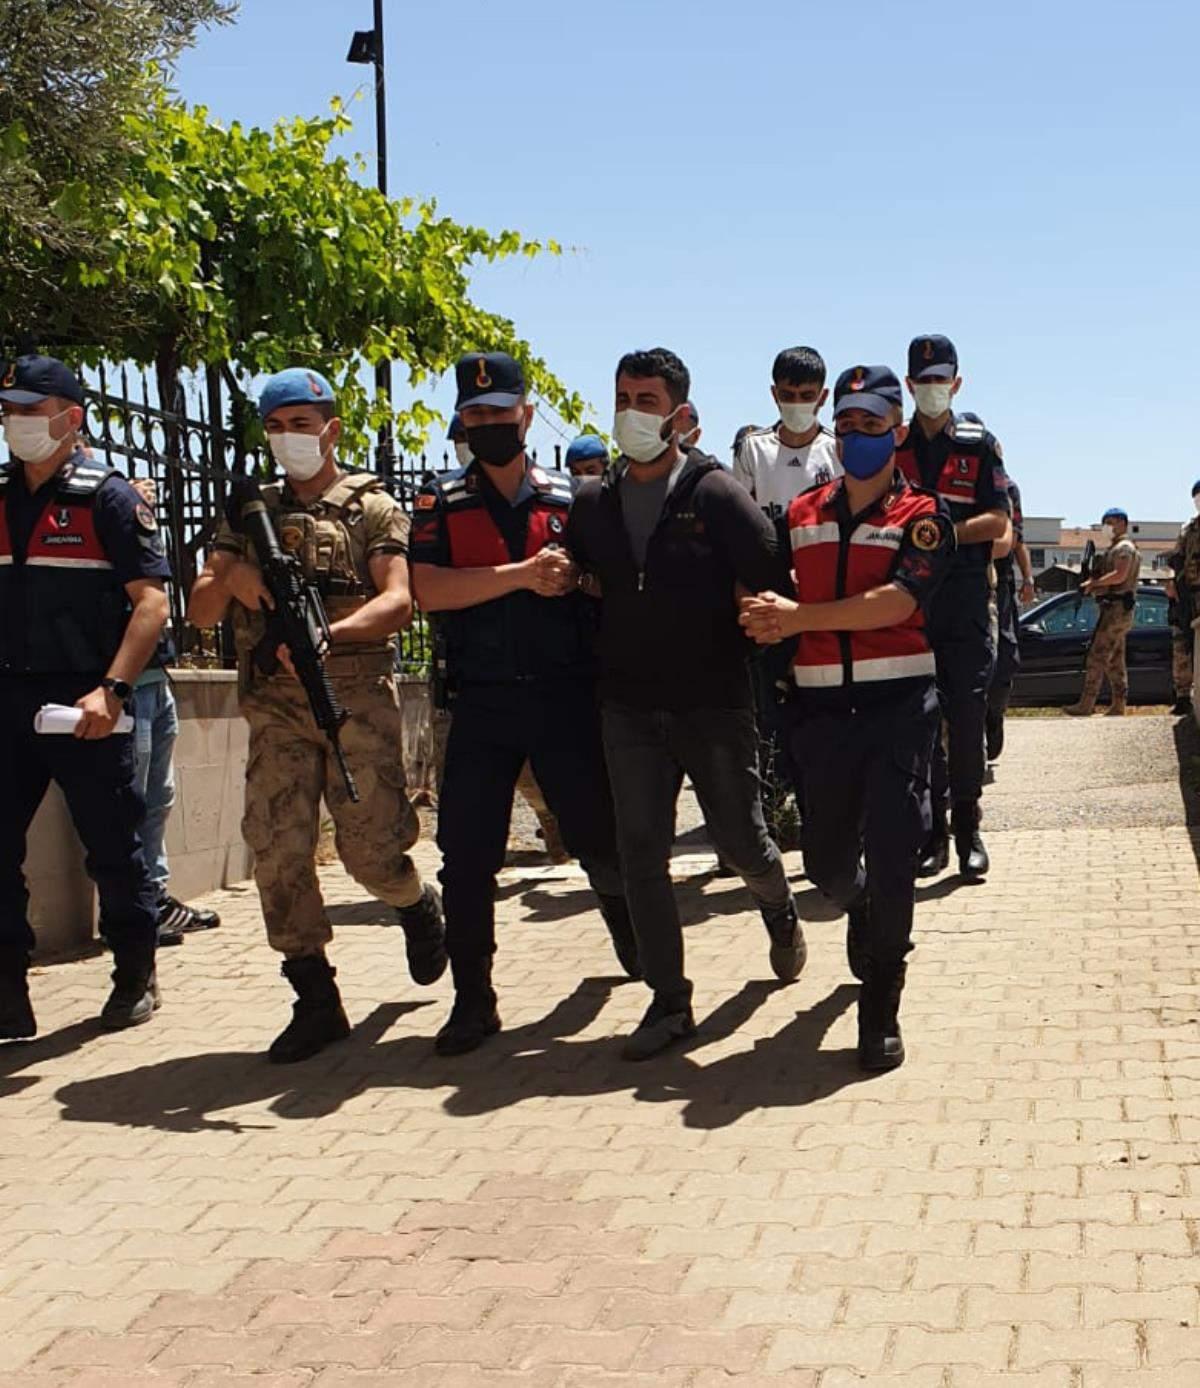 İzmir deki organize suç örgütü operasyonunda yakalanan zanlılardan 7 si tutuklandı